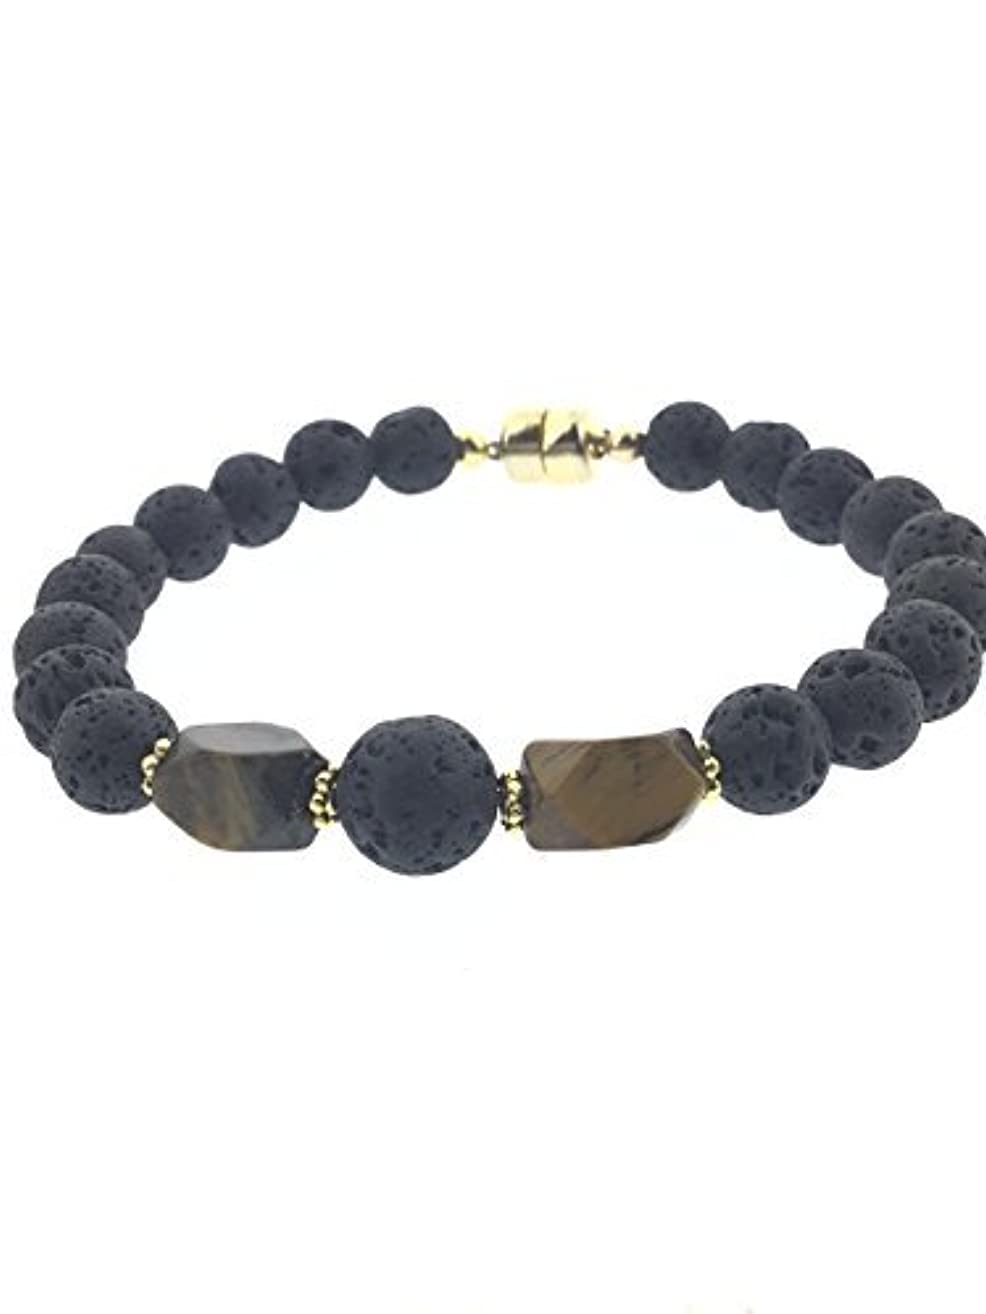 広げる怠家Tiger-eye and Lava Essential Oil Diffuser Bracelet with Gold-Filled Rare Earth Magnetic Clasp - SMALL [並行輸入品]